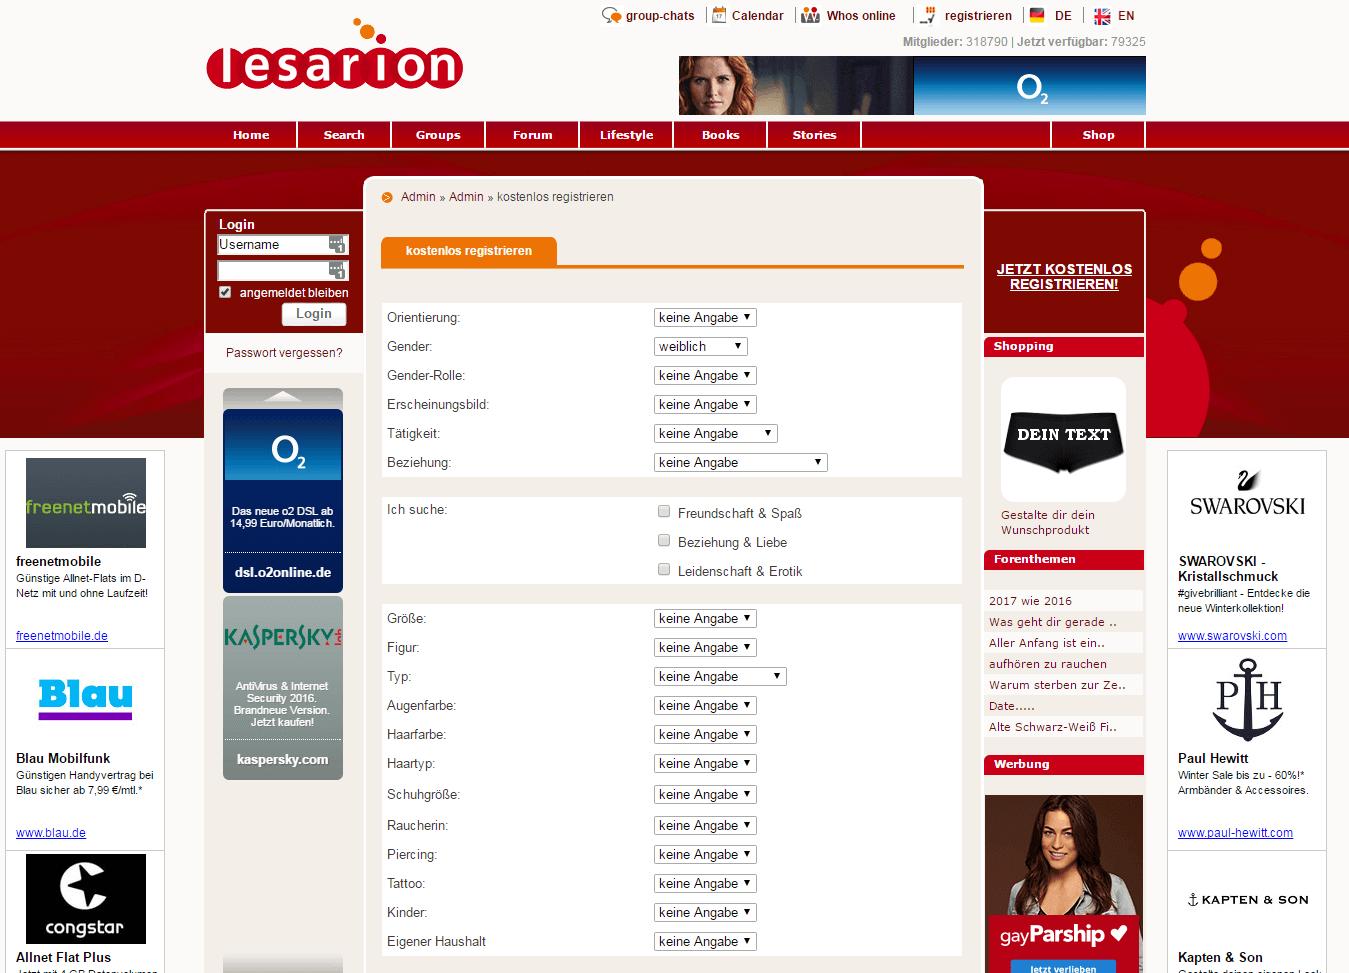 Lesarion Profil ausfüllen